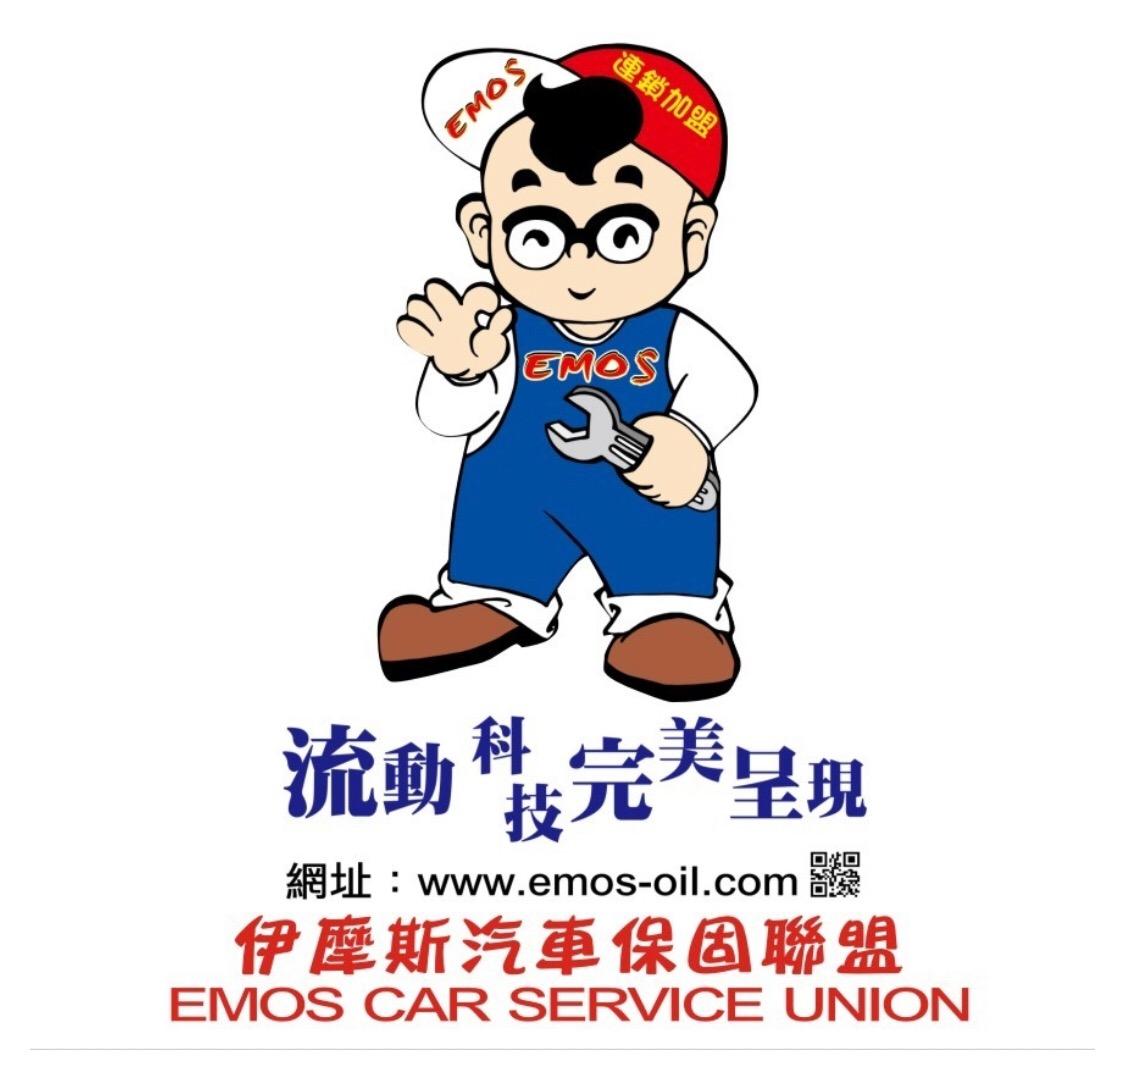 鴻城汽車保修有限公司